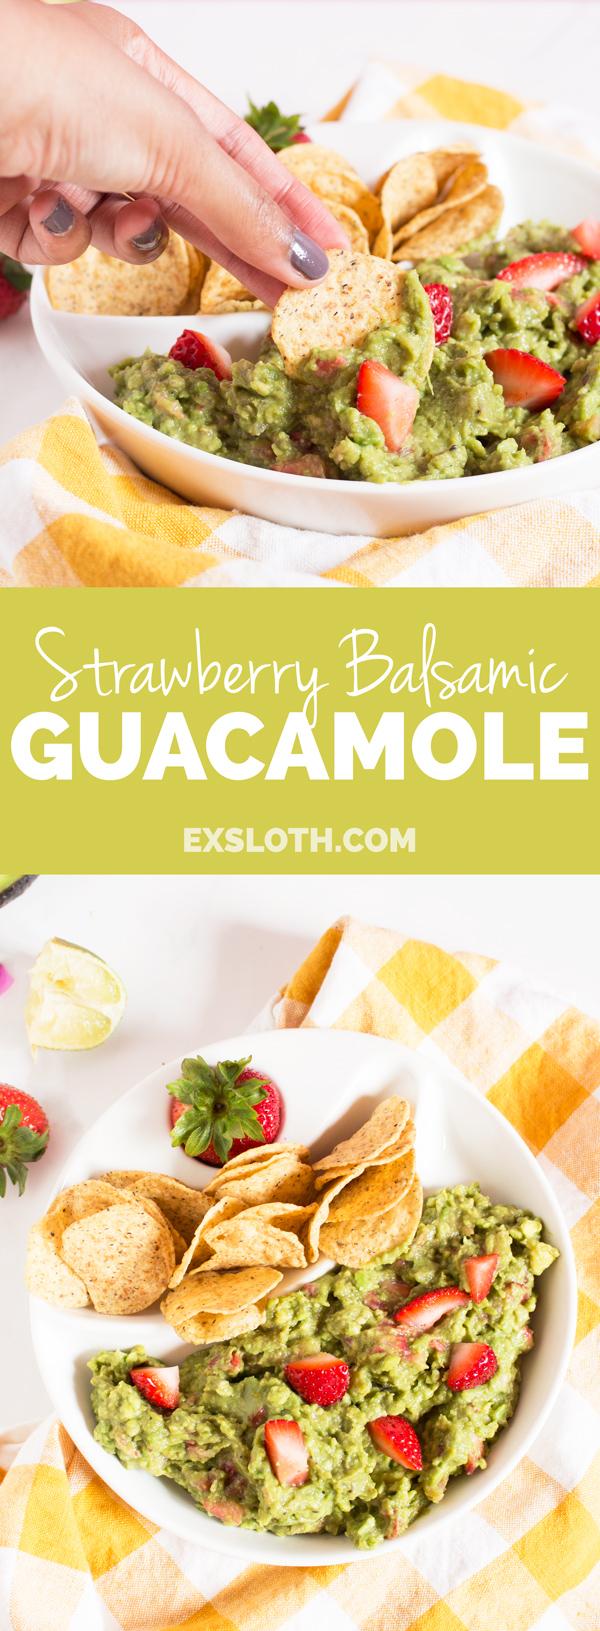 Strawberry Balsamic Guacamole via @ExSloth | ExSloth.com